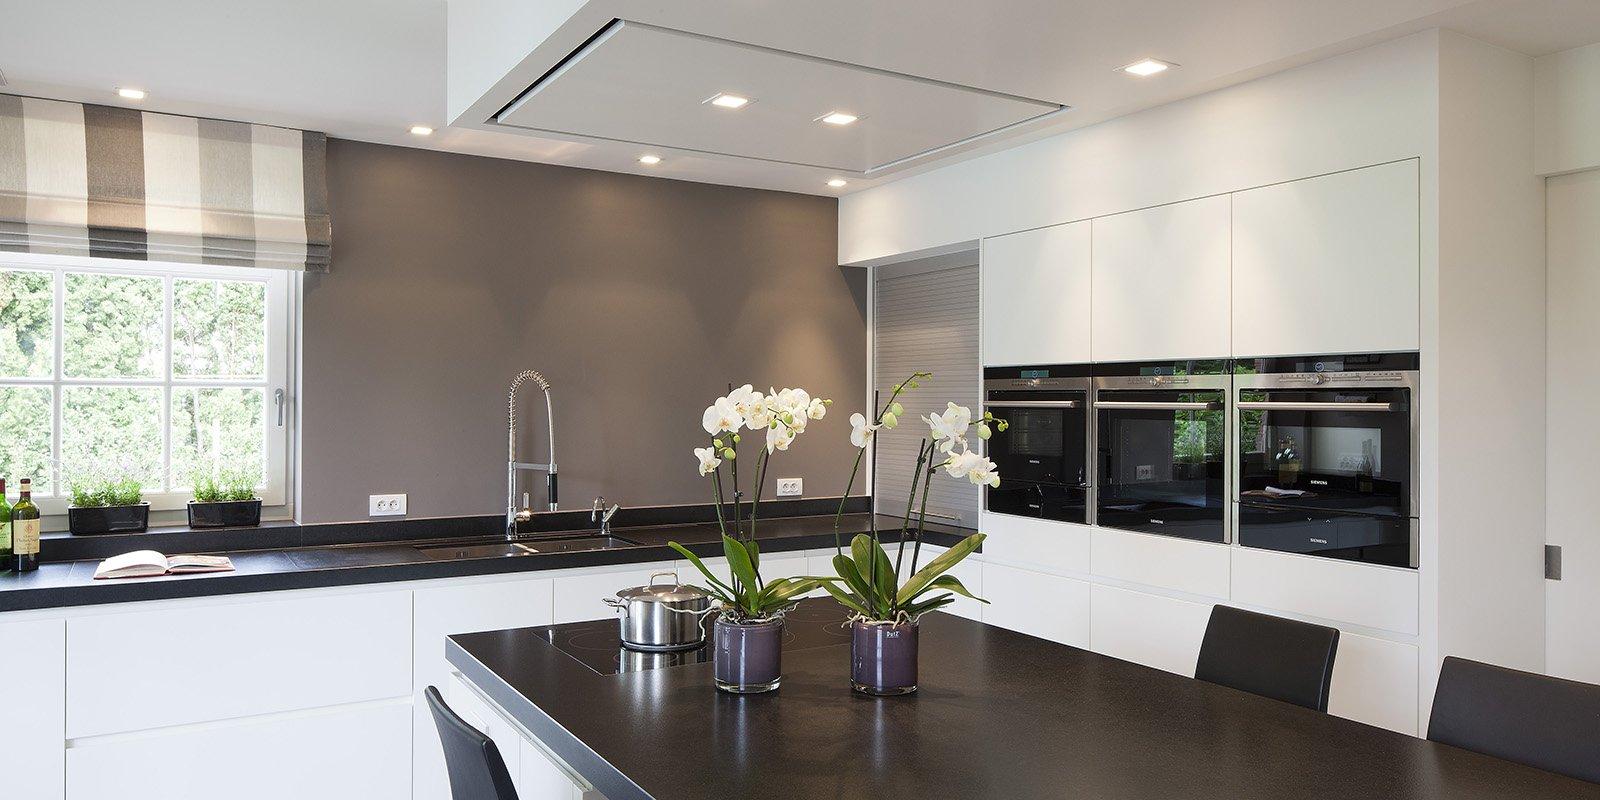 Moderne keuken met een piekfijne afwerking, ontworpen door b+villas